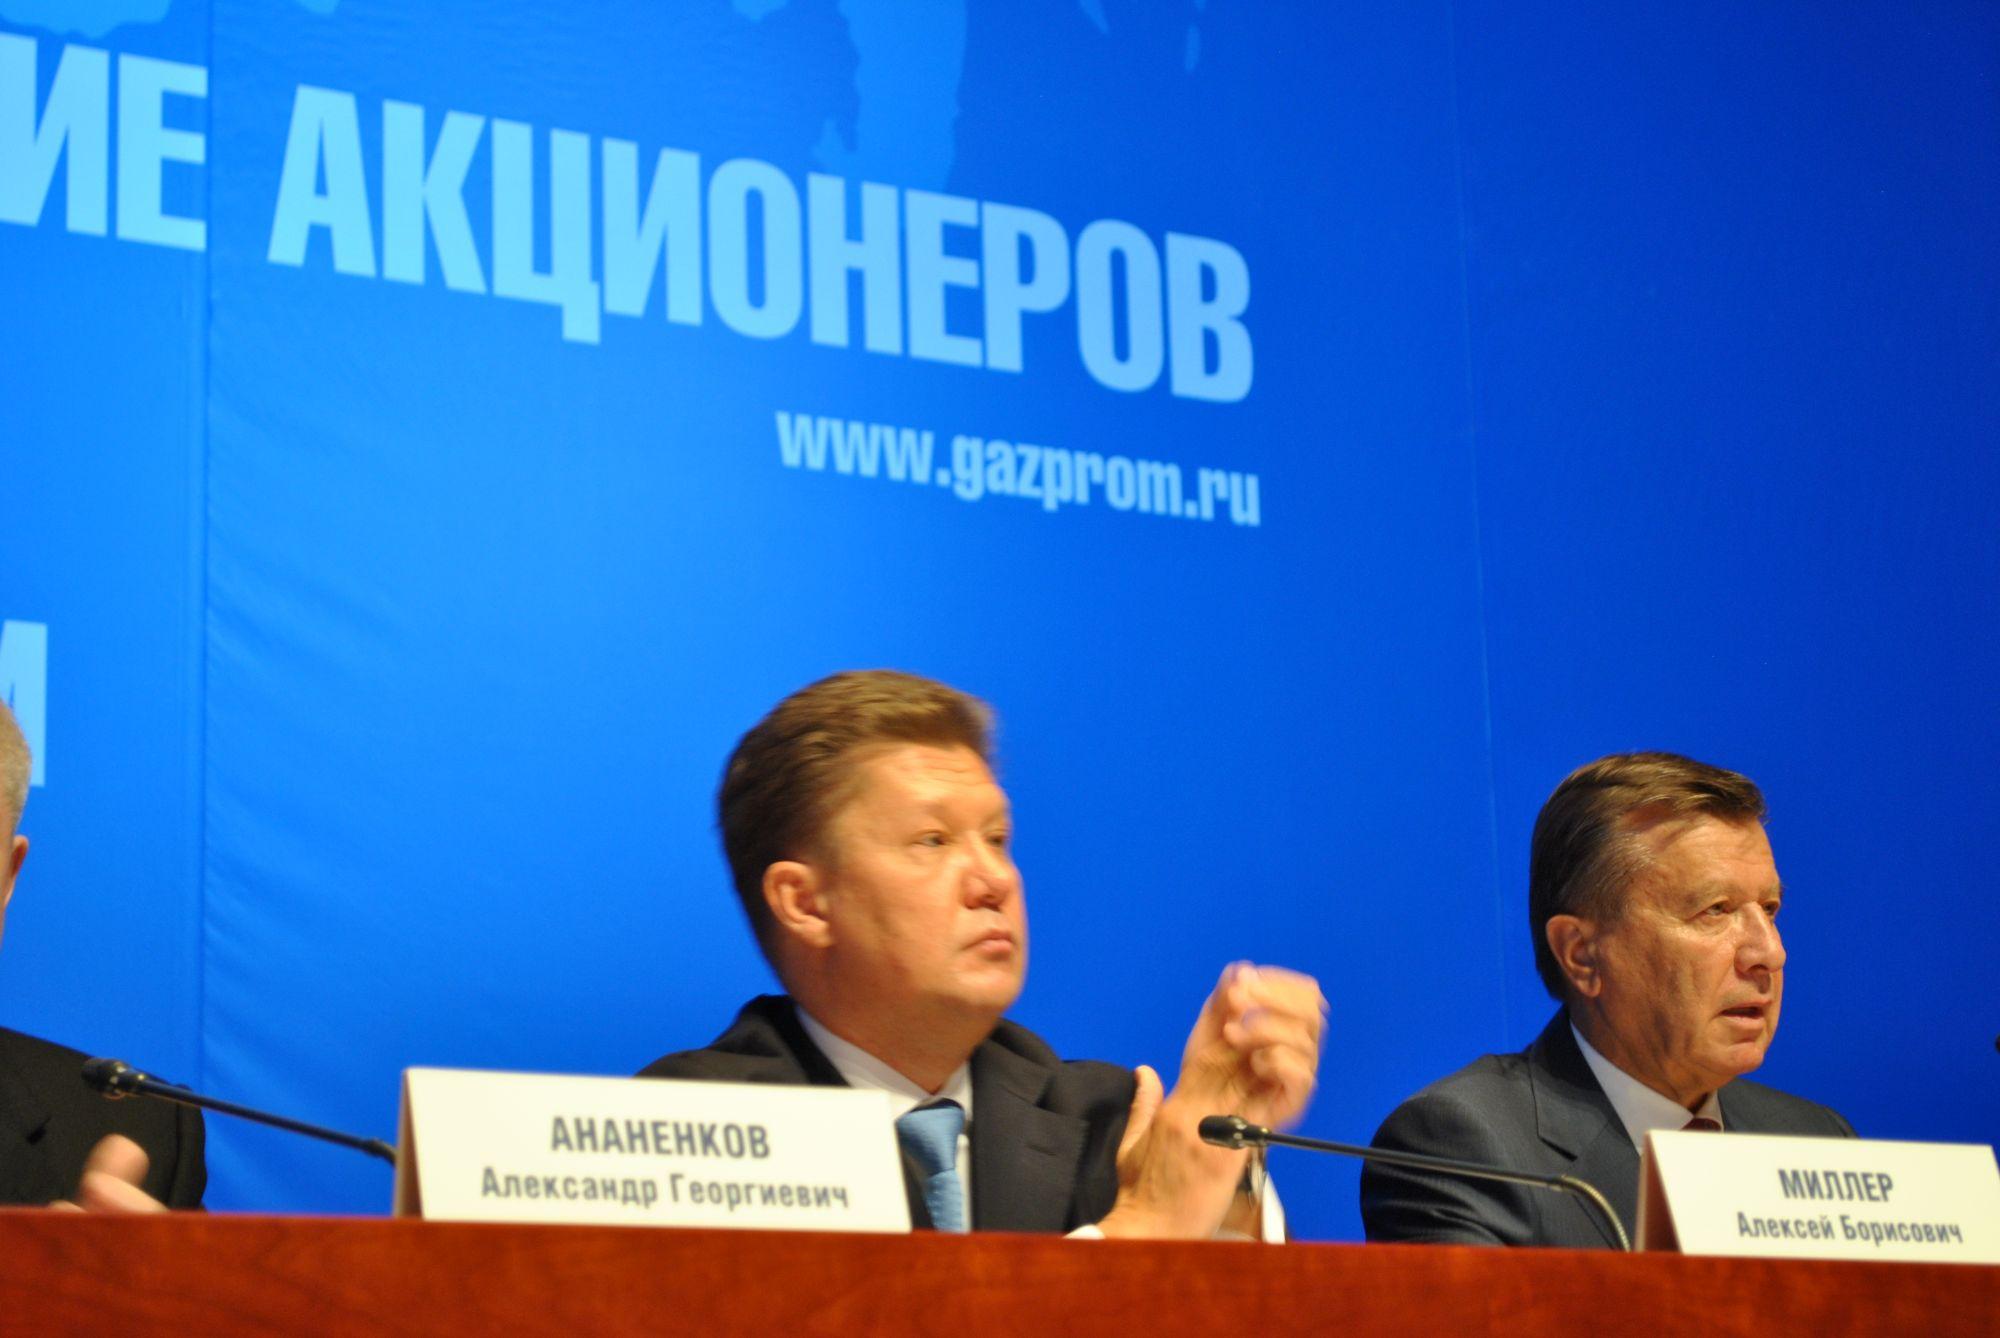 В Газпроме годовое собрание акционеров. Держатели акций получат 212,4 млрд руб и новый совет директоров. Фоторепортаж Neftegaz.RU